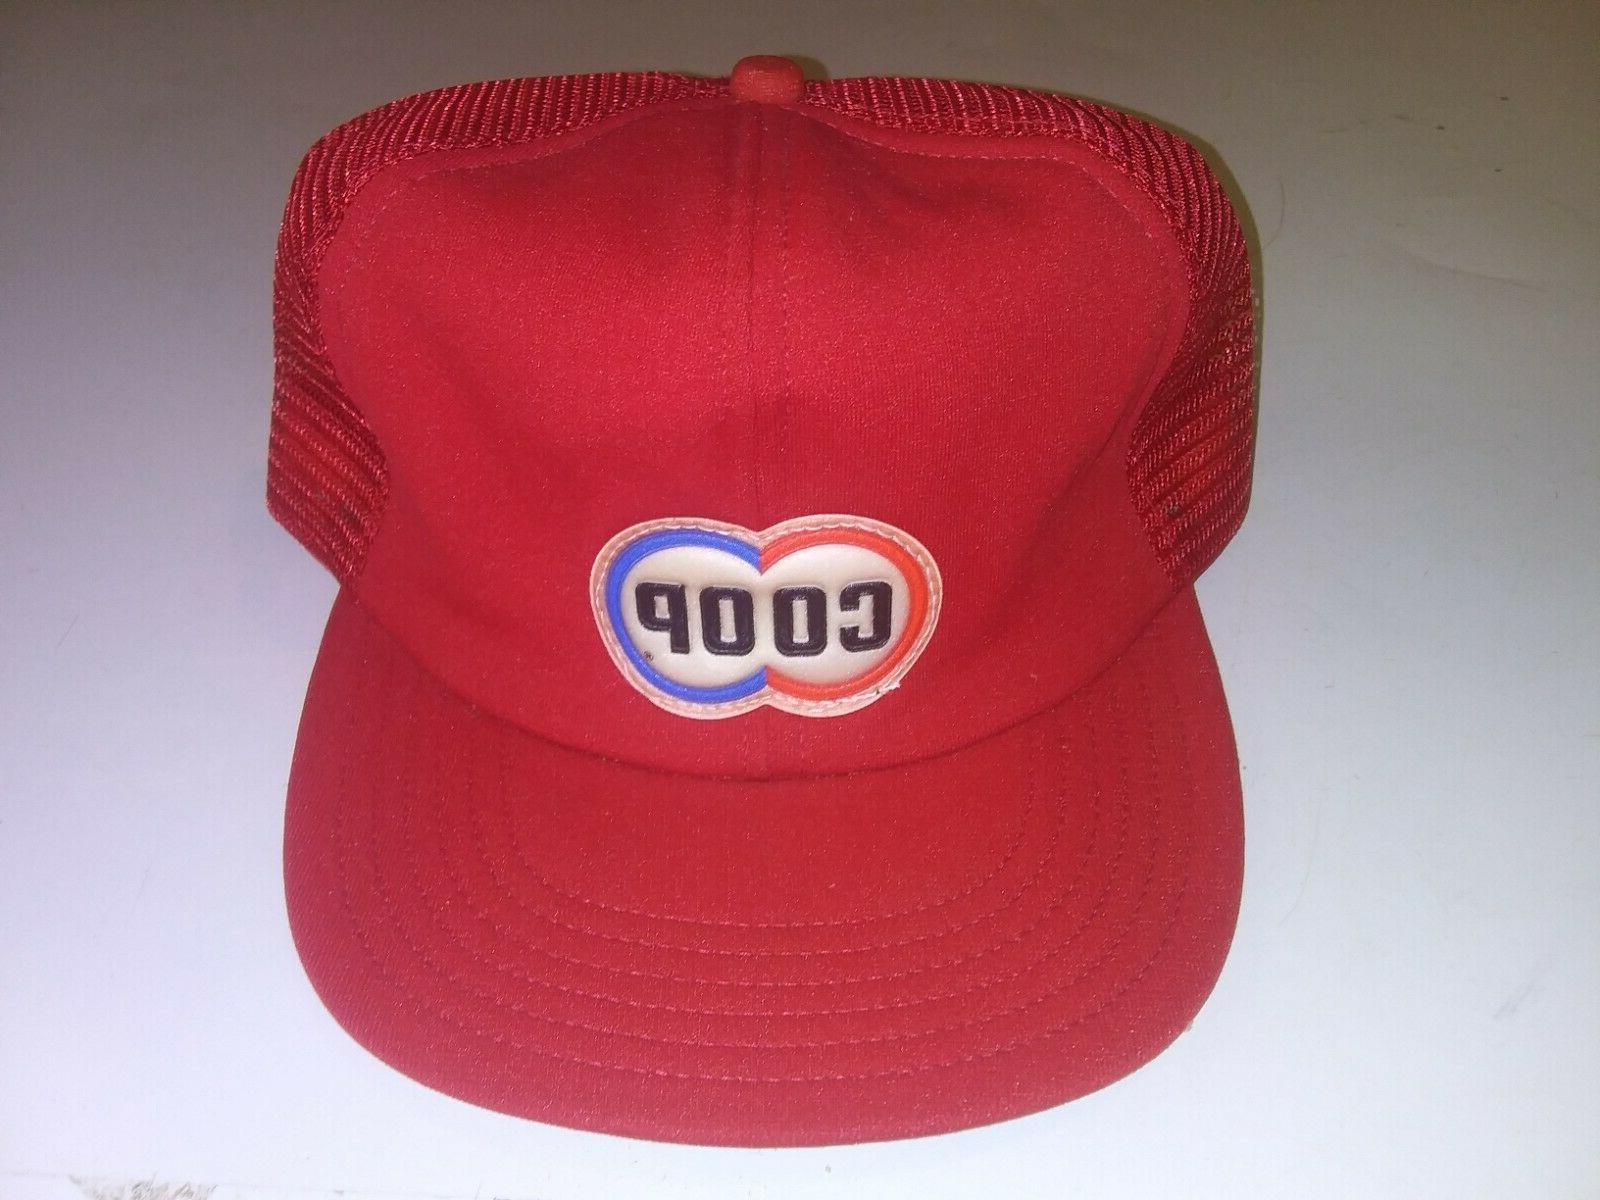 old vintage hat trucker snapback advertising farmer